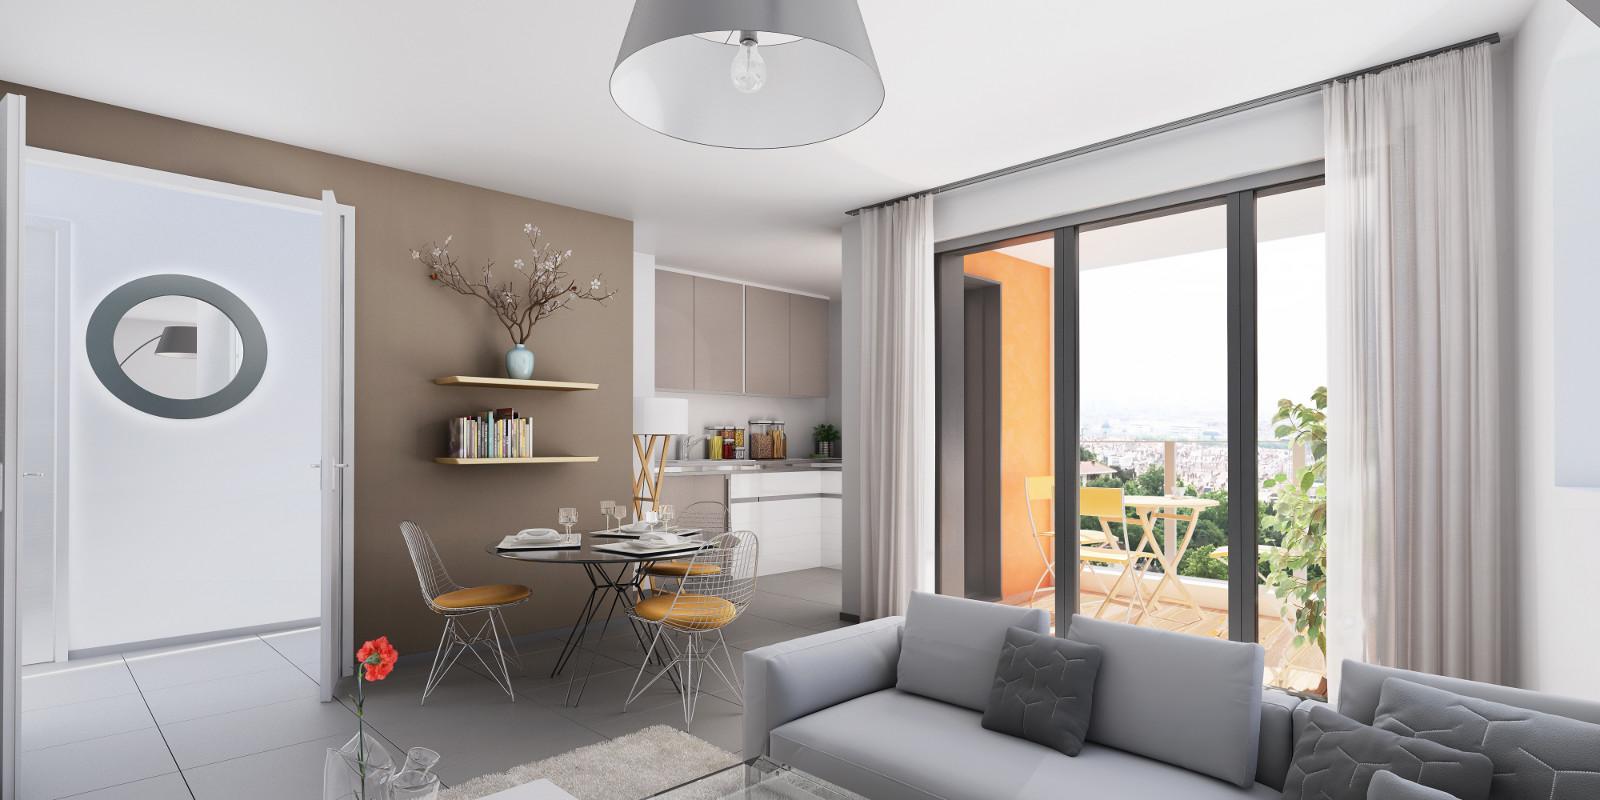 Appartement t4 neuf duplex dernier tage grande terrasse for Appartement atypique lyon 5